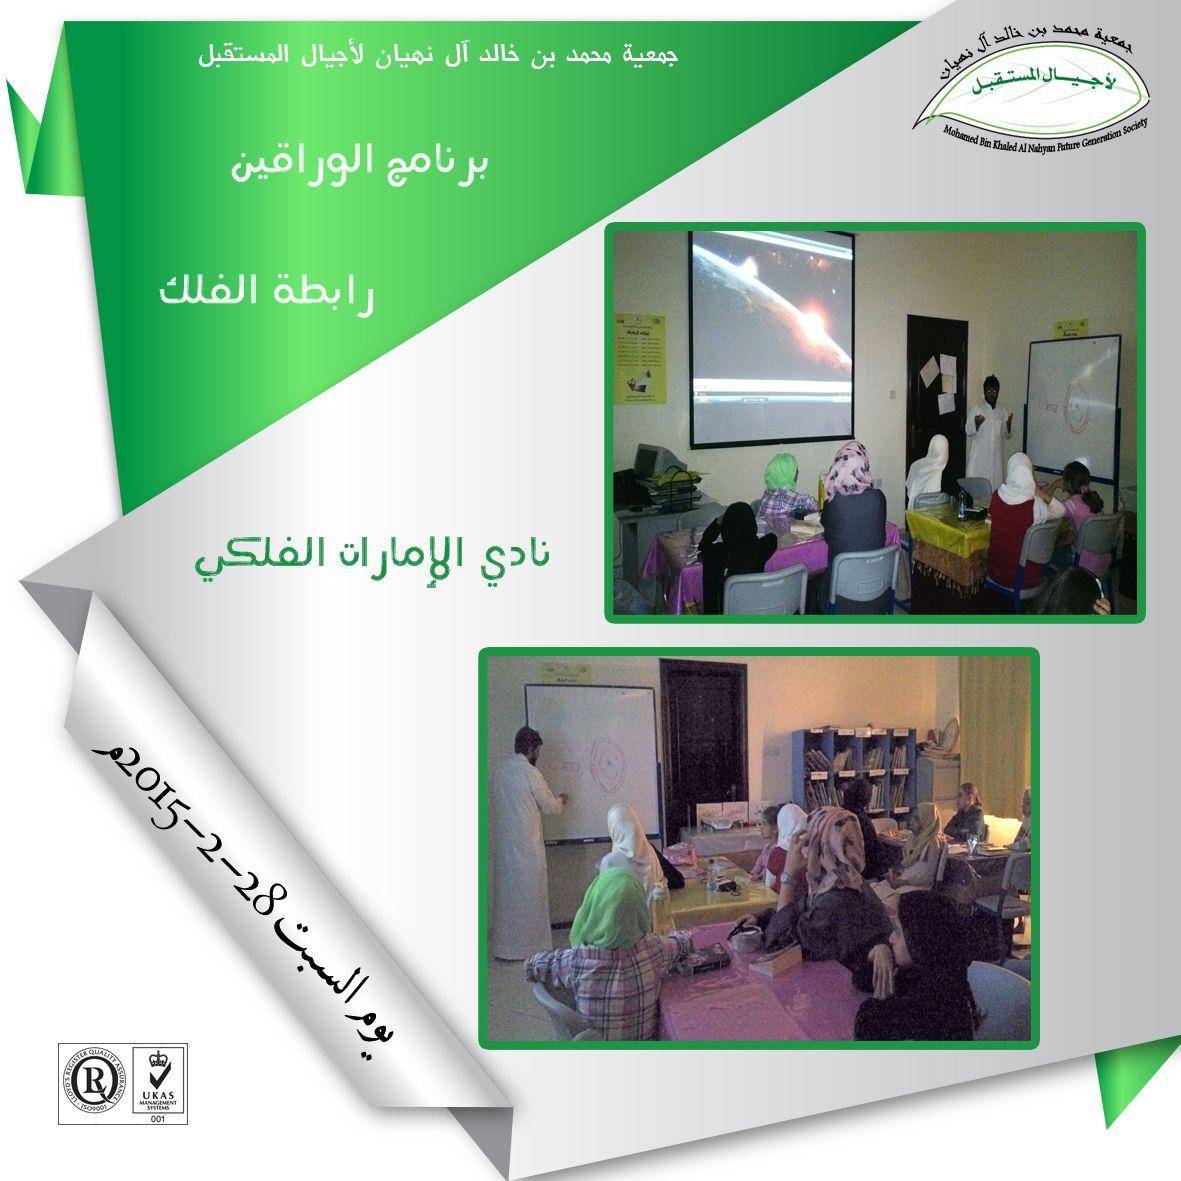 استمرت فعاليات برنامج الوراقين ضمن رابطة الفلك في جمعية محمد بن خالد آل نهيان لأجيال المستقبل يوم السبت الموافق 28 2 2015م Electronic Products Flatscreen Tv